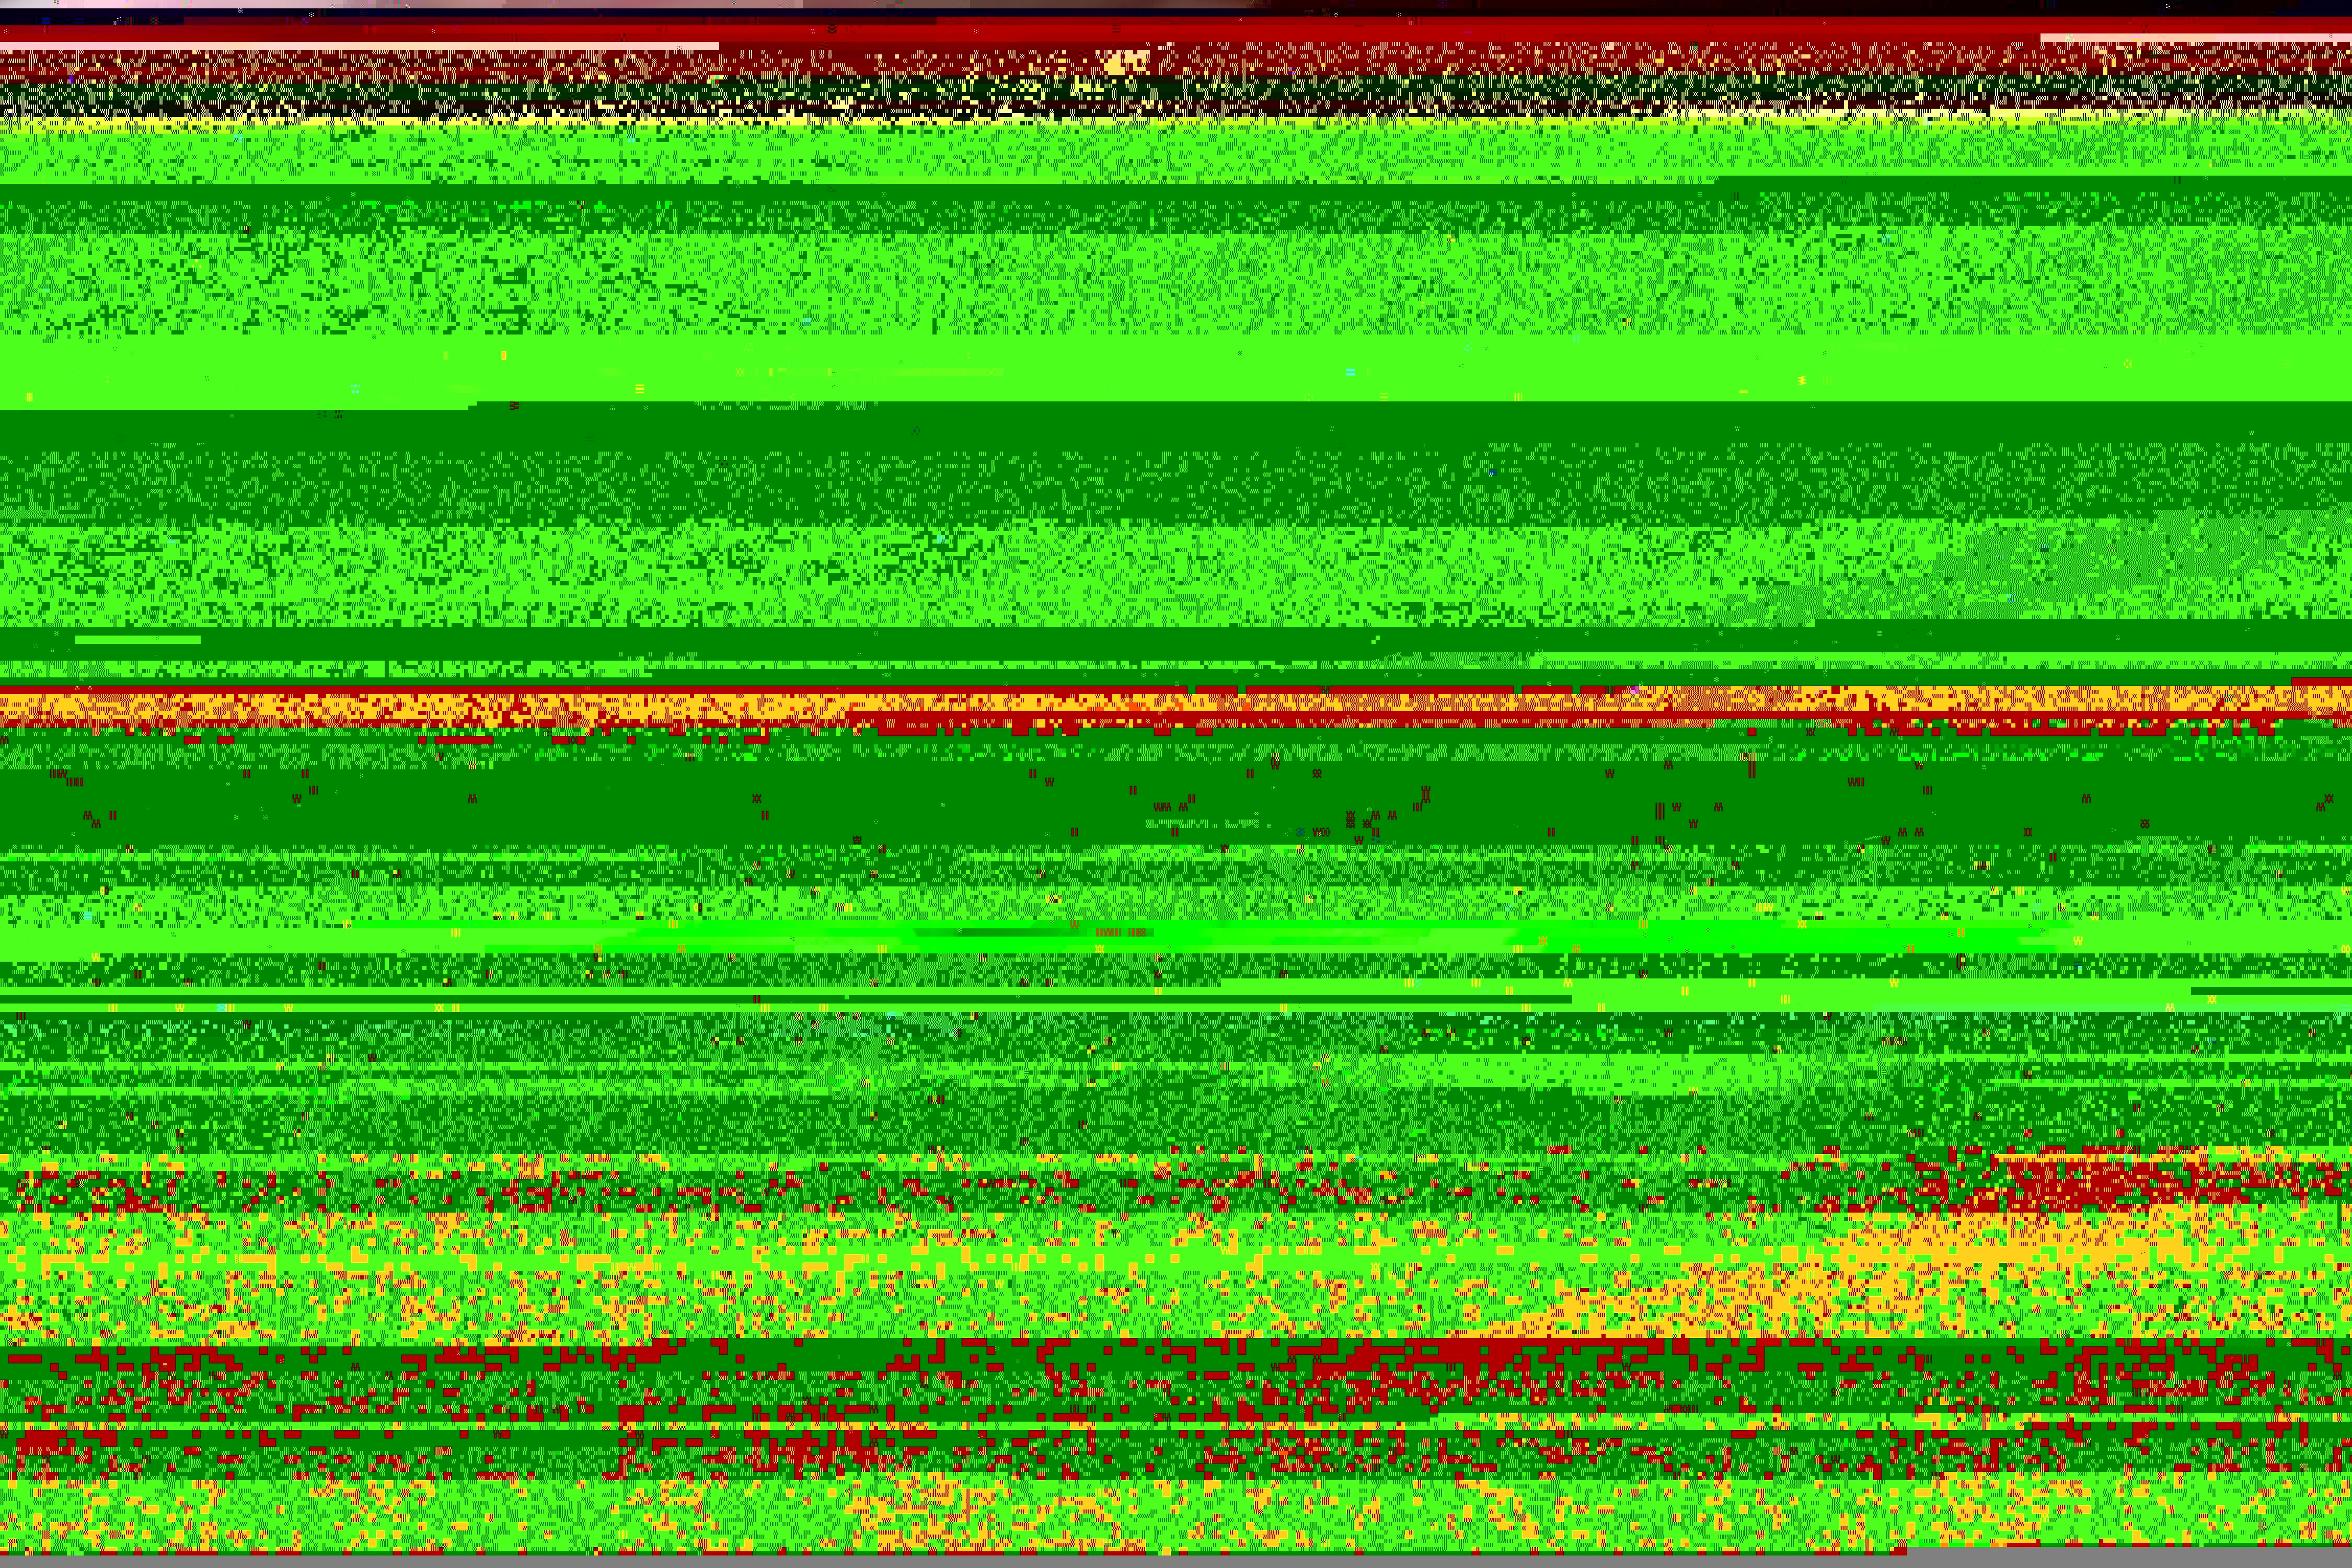 Panpastel une nouvelle m thode r volutionnaire pour utiliser les couleurs l 39 atelier g ant - Le geant des beaux arts bordeaux ...